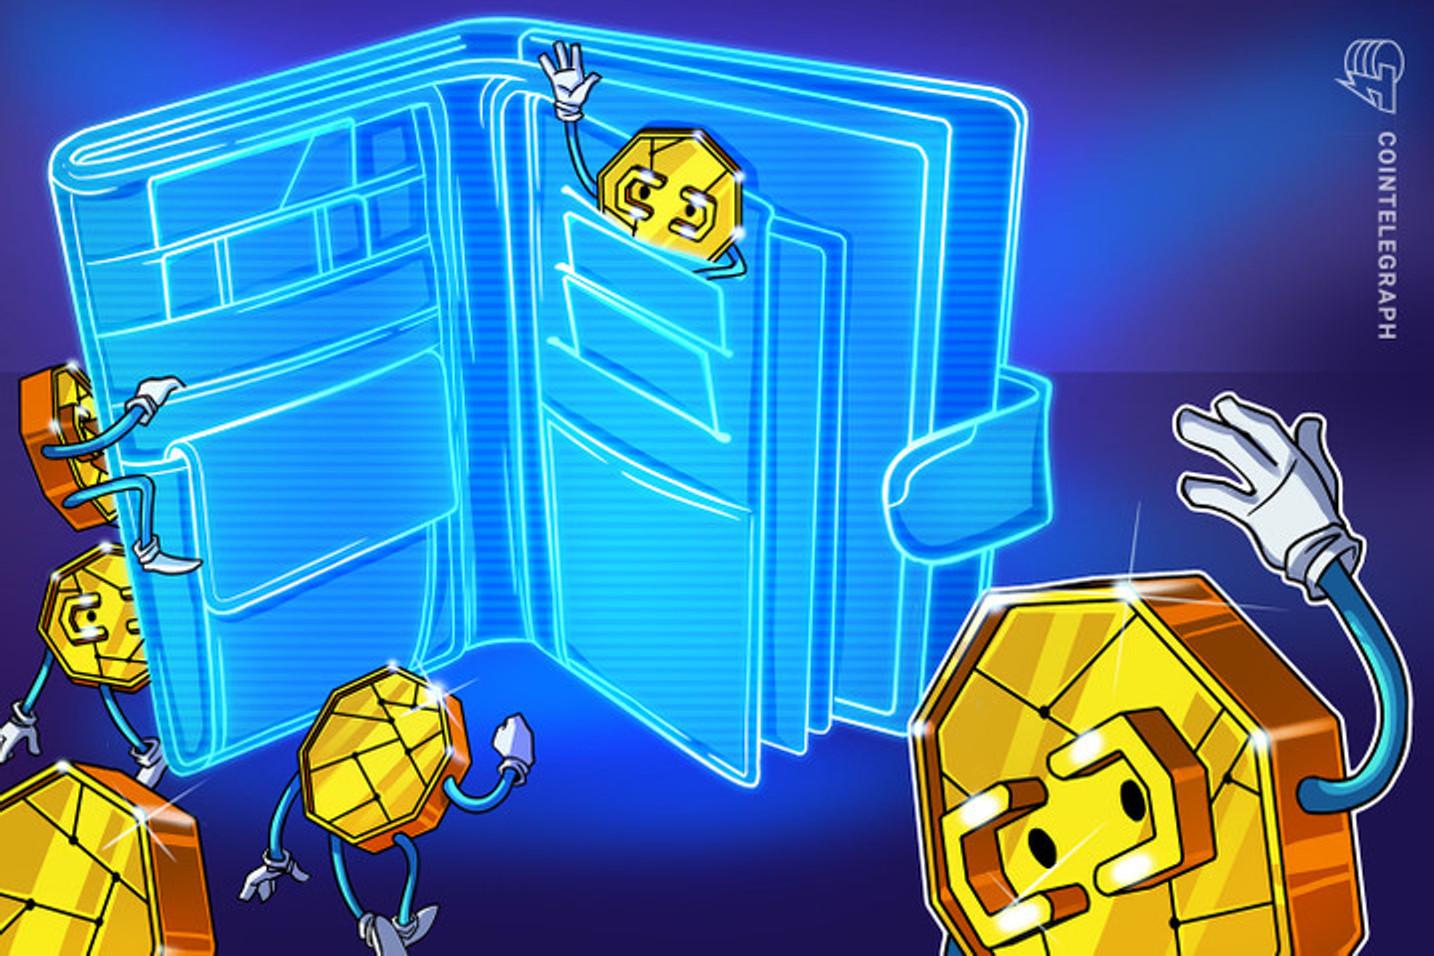 Desenvolvedor que perdeu HD com R$ 1 bilhão em Bitcoin quer usar alta tecnologia para recuperar fortuna